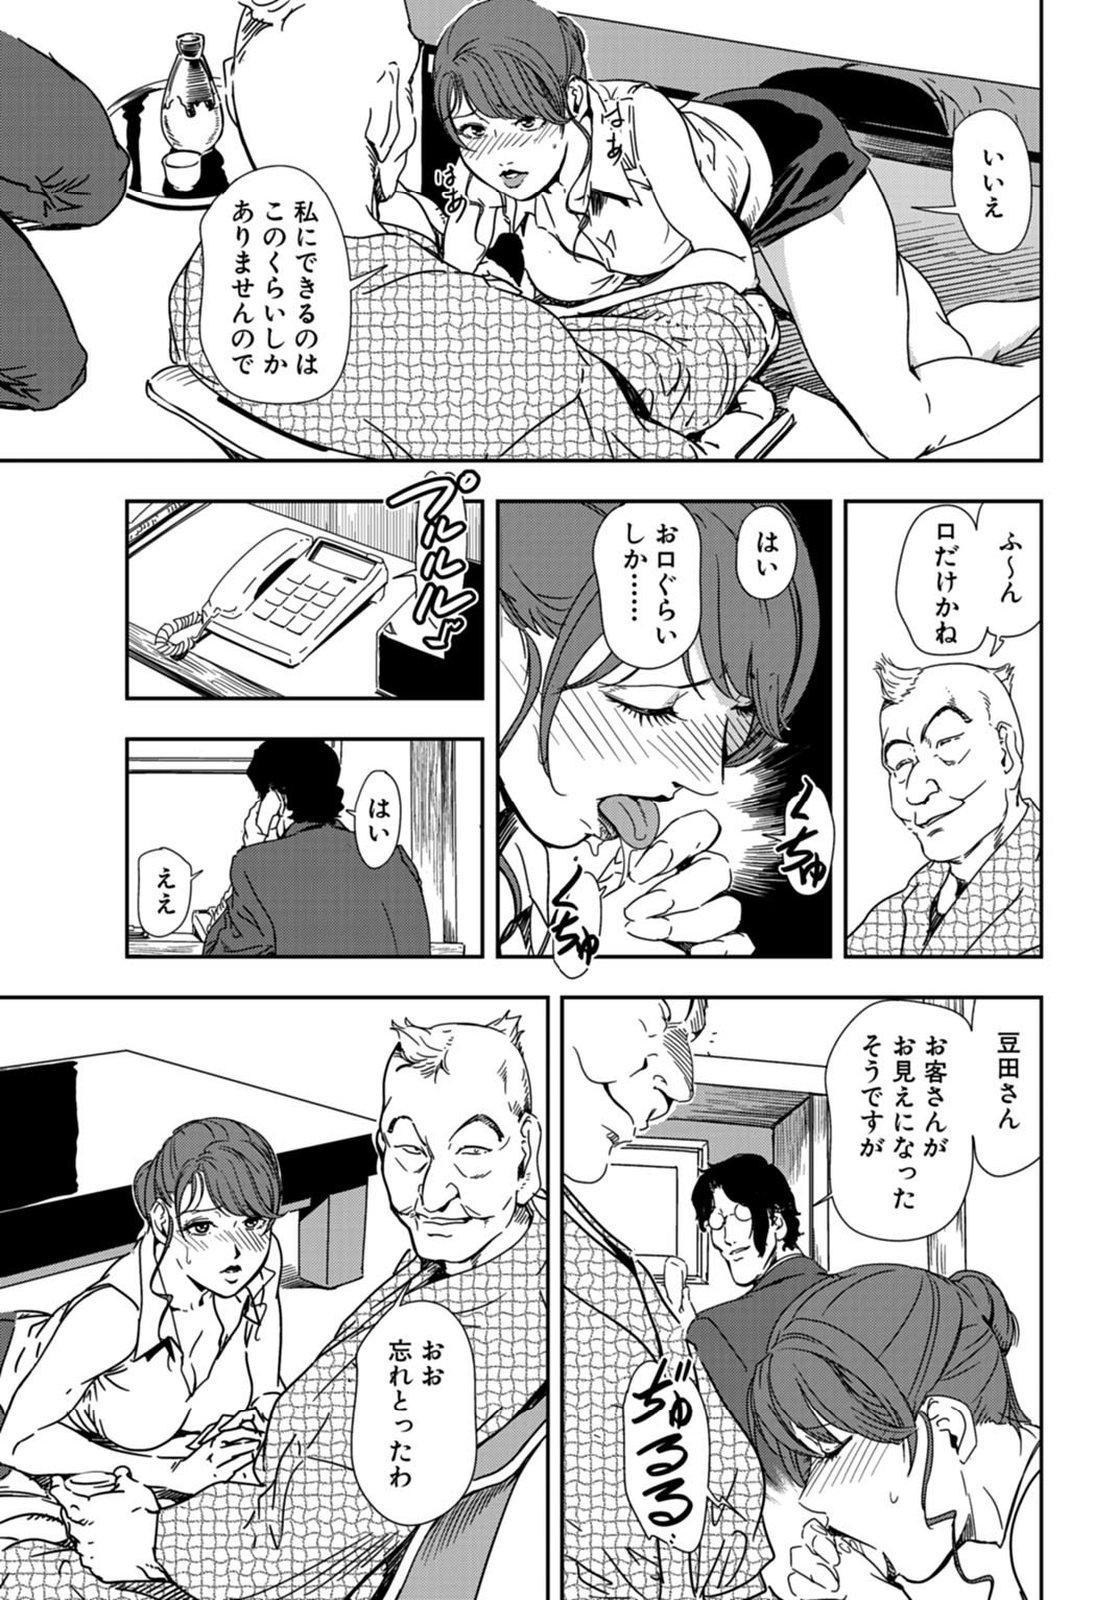 Nikuhisyo Yukiko 21 28